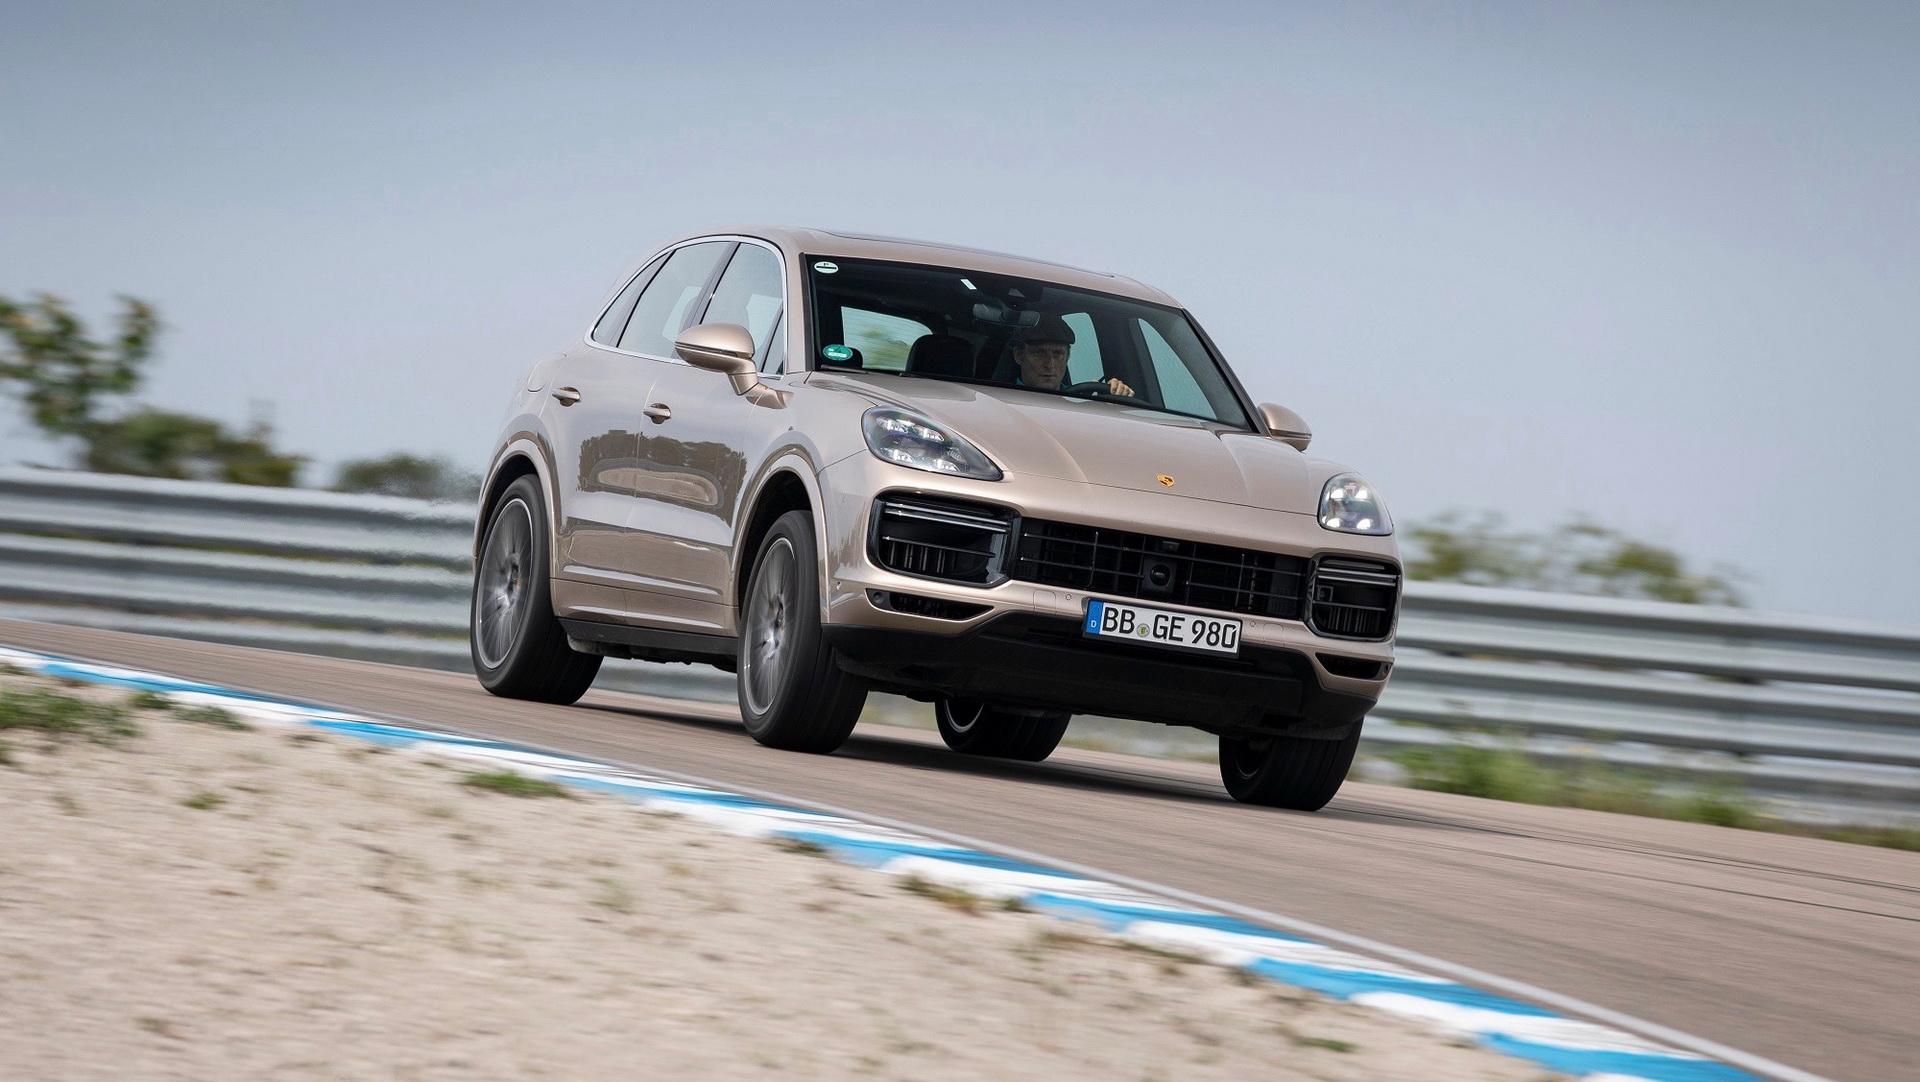 Porsche Cayenne Turbo S E-Hybrid ra mắt có giá từ 161.900 USD tại Mỹ - 10